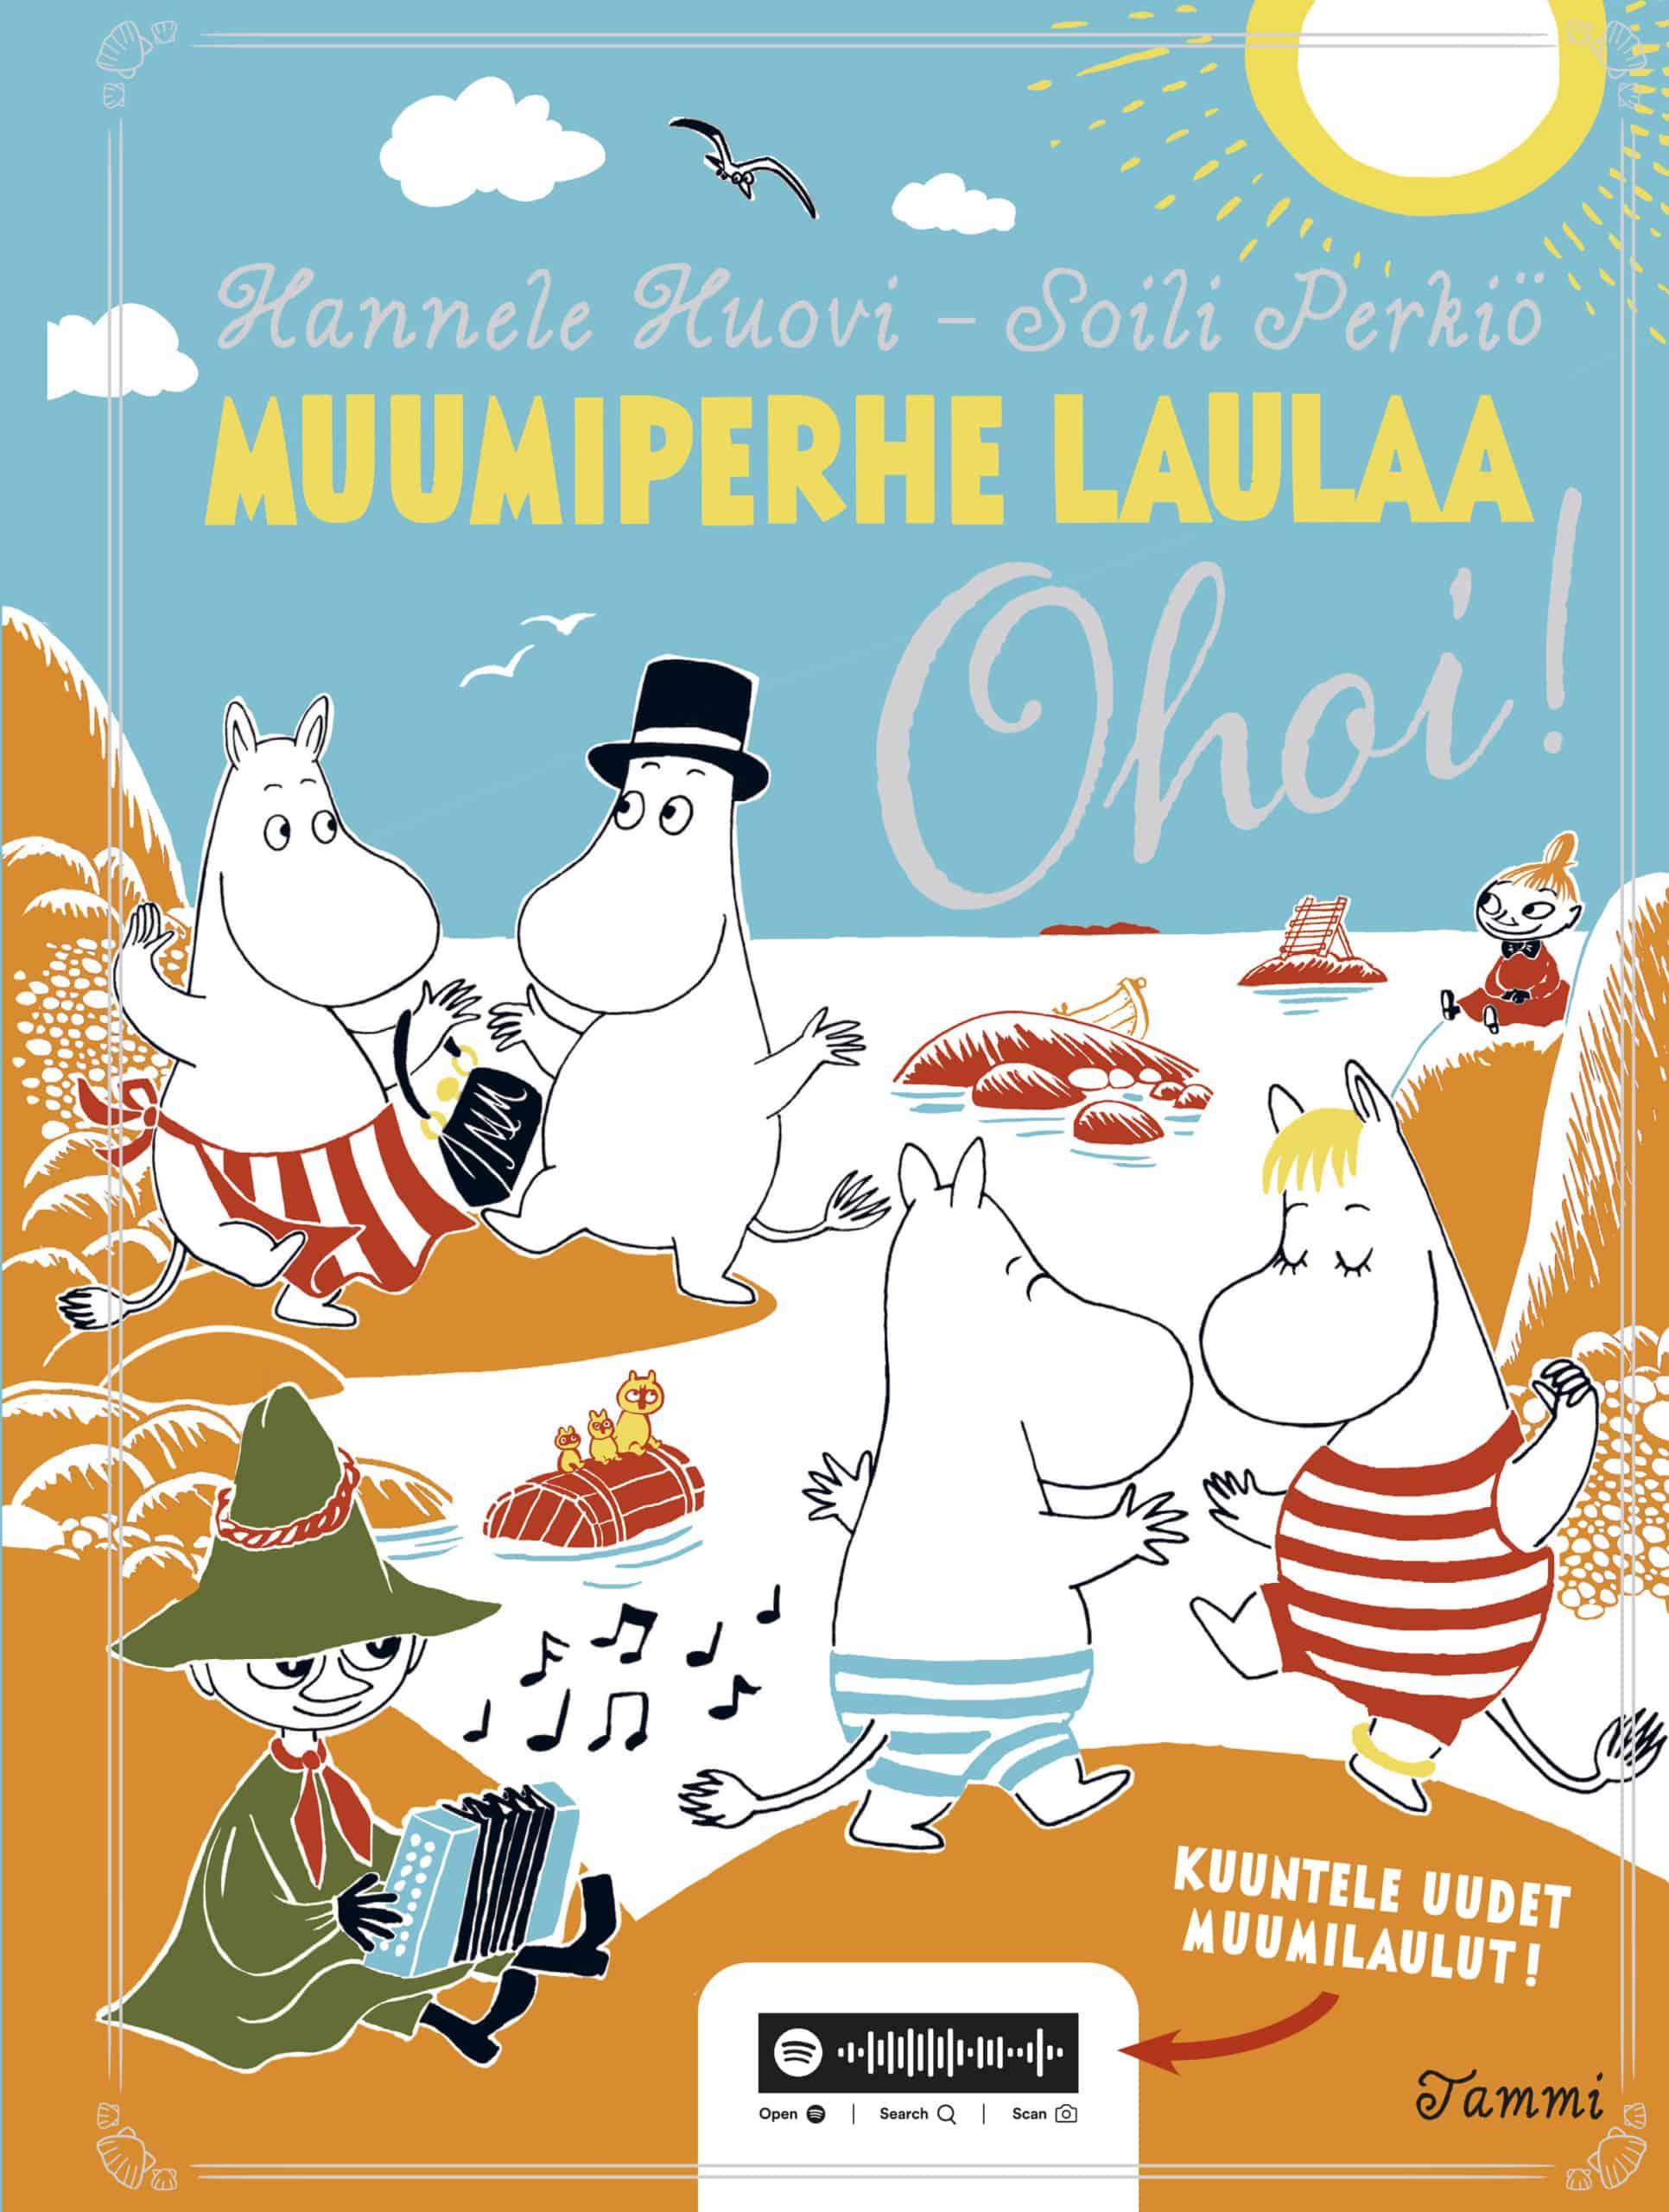 Muumiperhe laulaa, Ohoi!